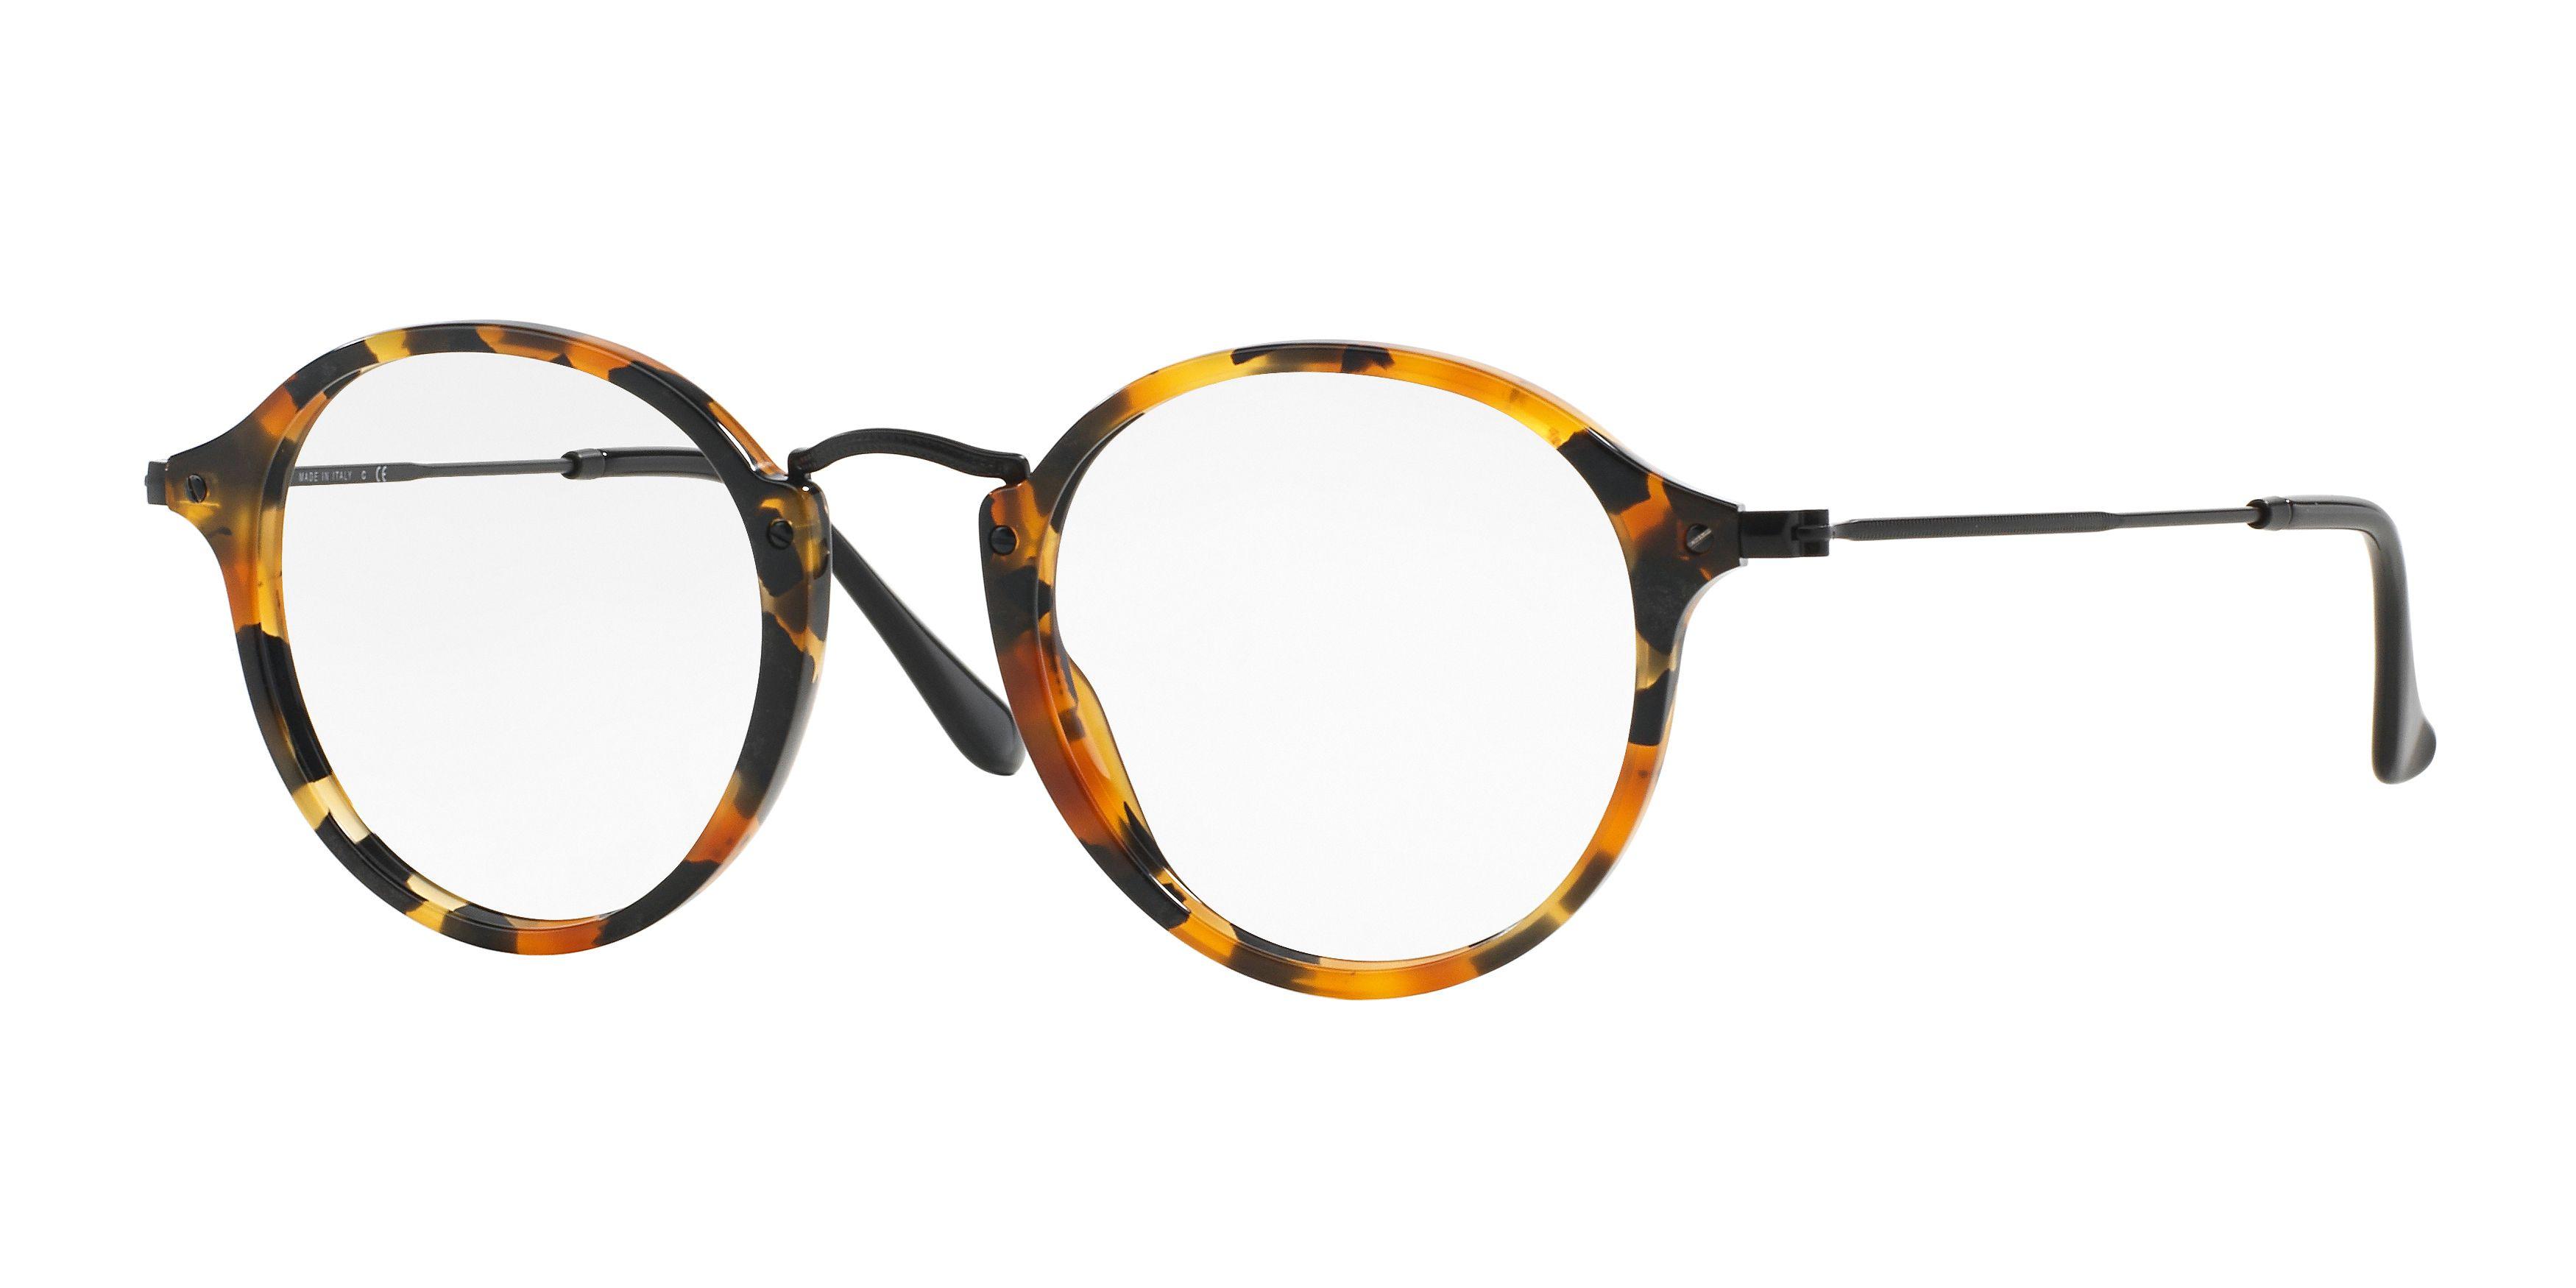 femme lunettes rencontre une rencontre le film bande annonce